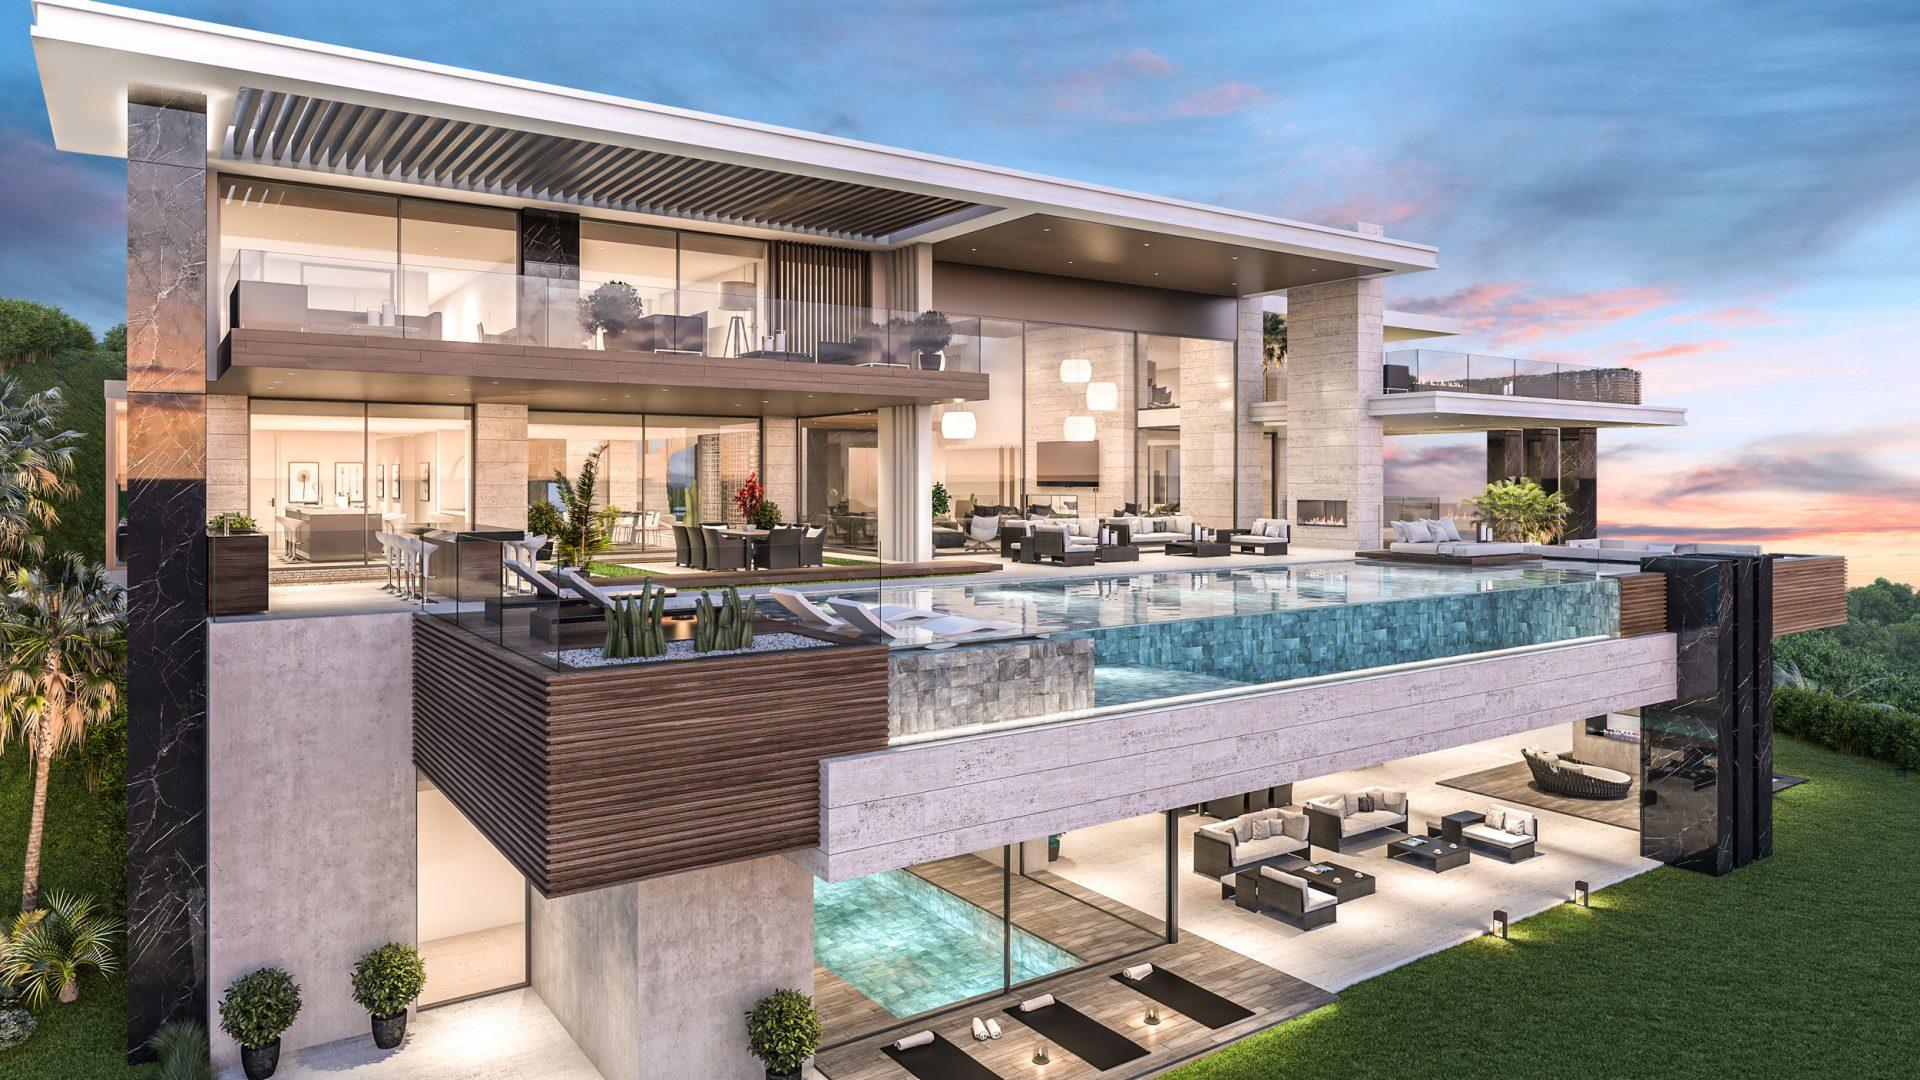 new-architecture-design-luxuryvilla-zagaleta-marbella-01